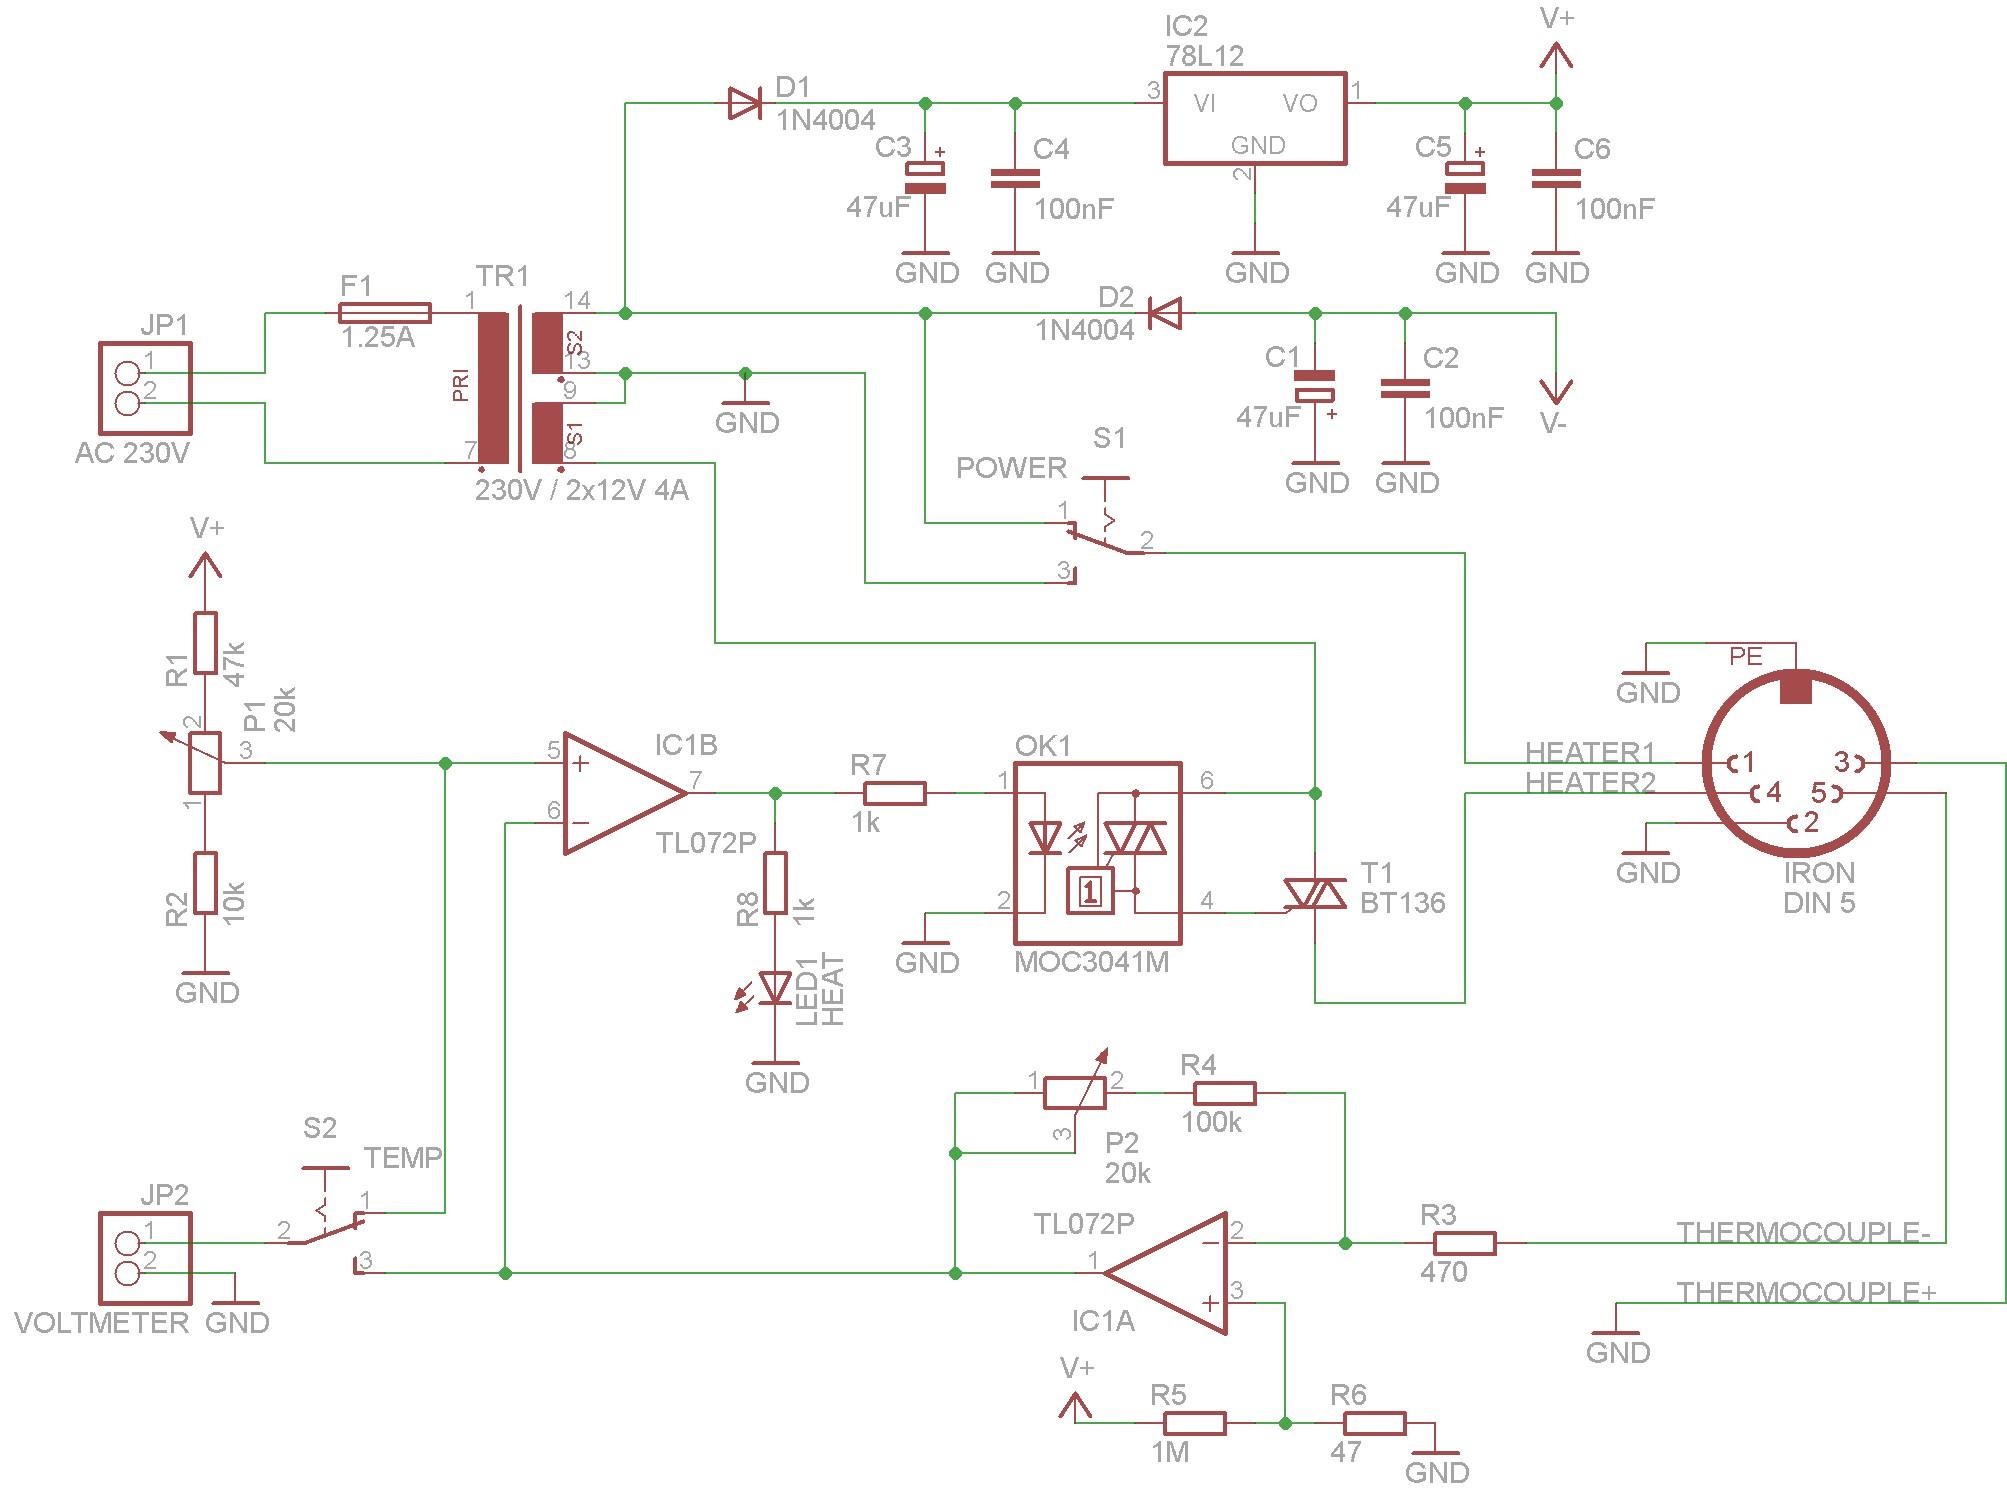 Soldering Station Wiring Schematic. Engineering Schematics, Printed ...